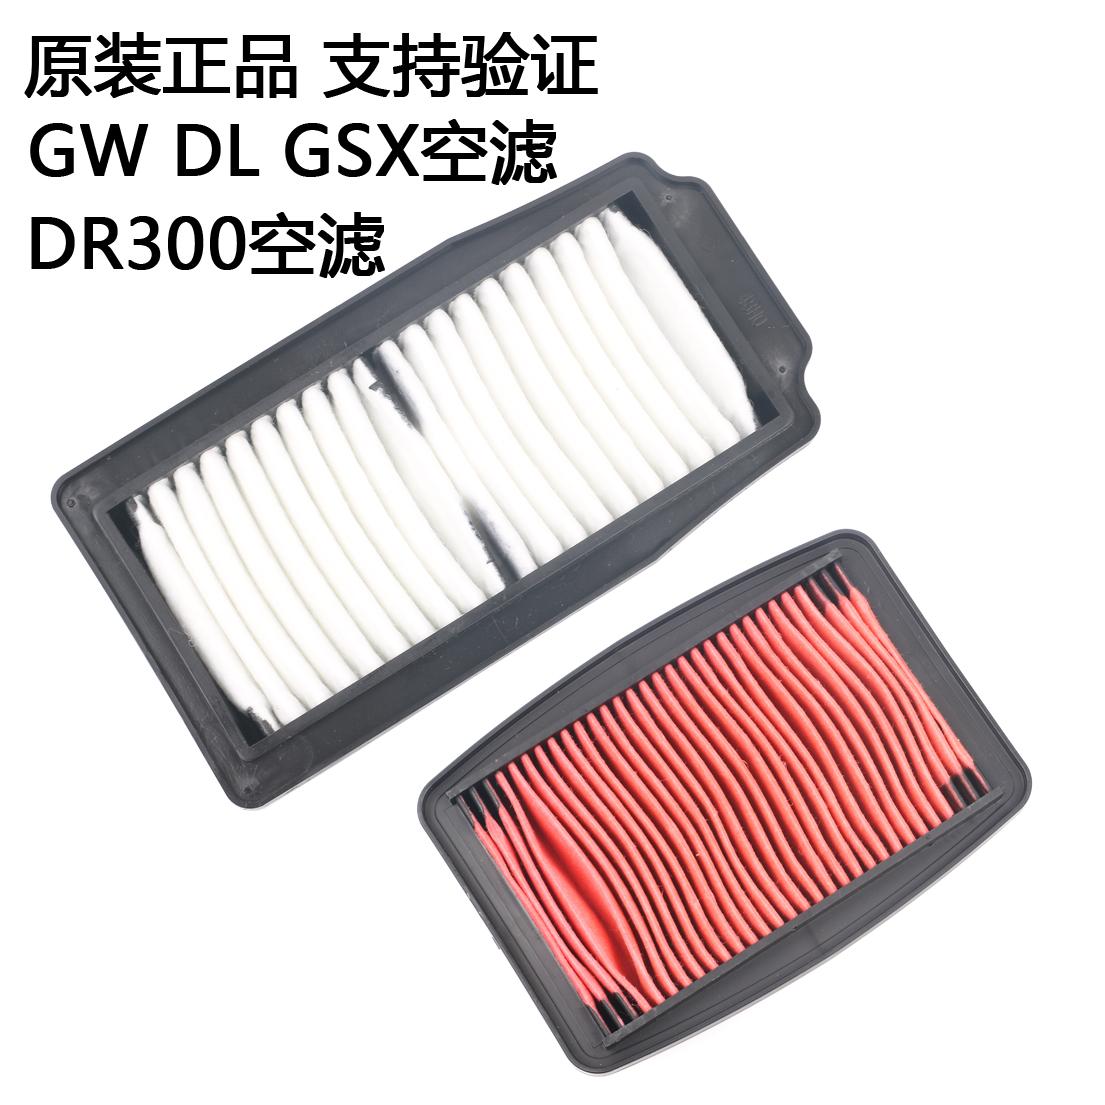 摩托车GW250S/F GSX250R DL250 DR300 空气滤芯空滤原厂正品配件